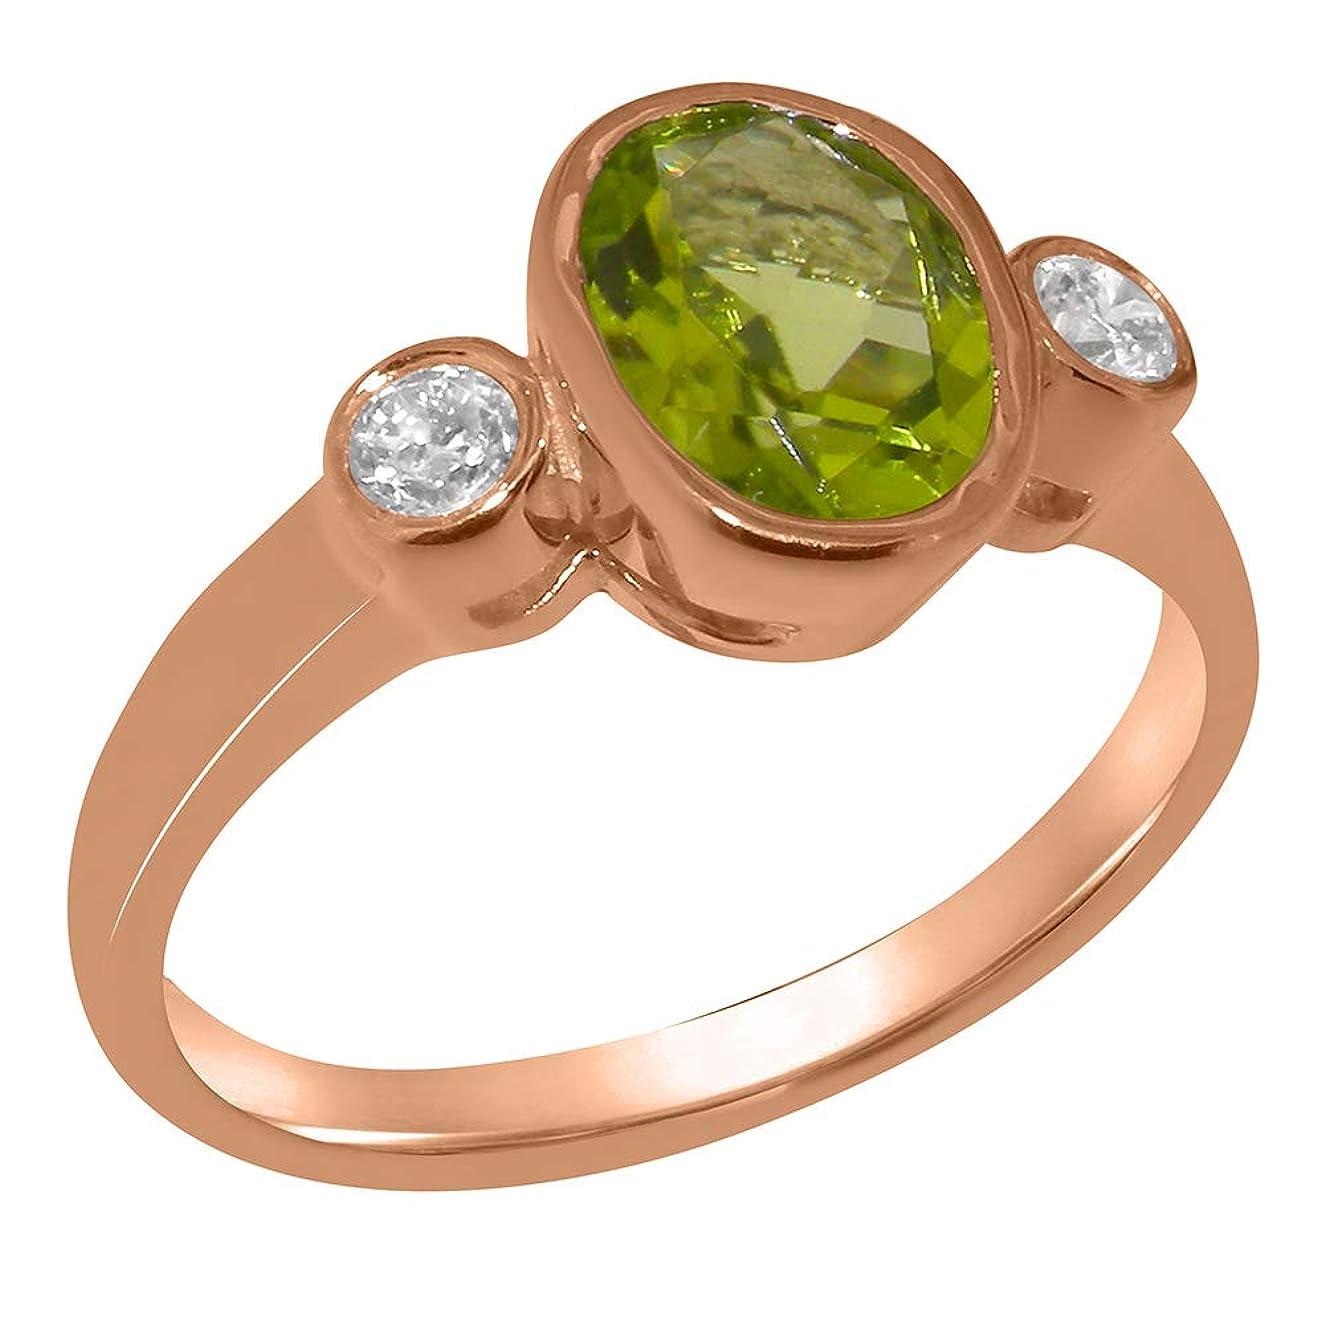 入射贅沢な真似る英国製(イギリス製) K18 ピンクゴールド 天然 ペリドットキュービックジルコニア レディース3石 トリロジー リング 指輪 各種 サイズ あり